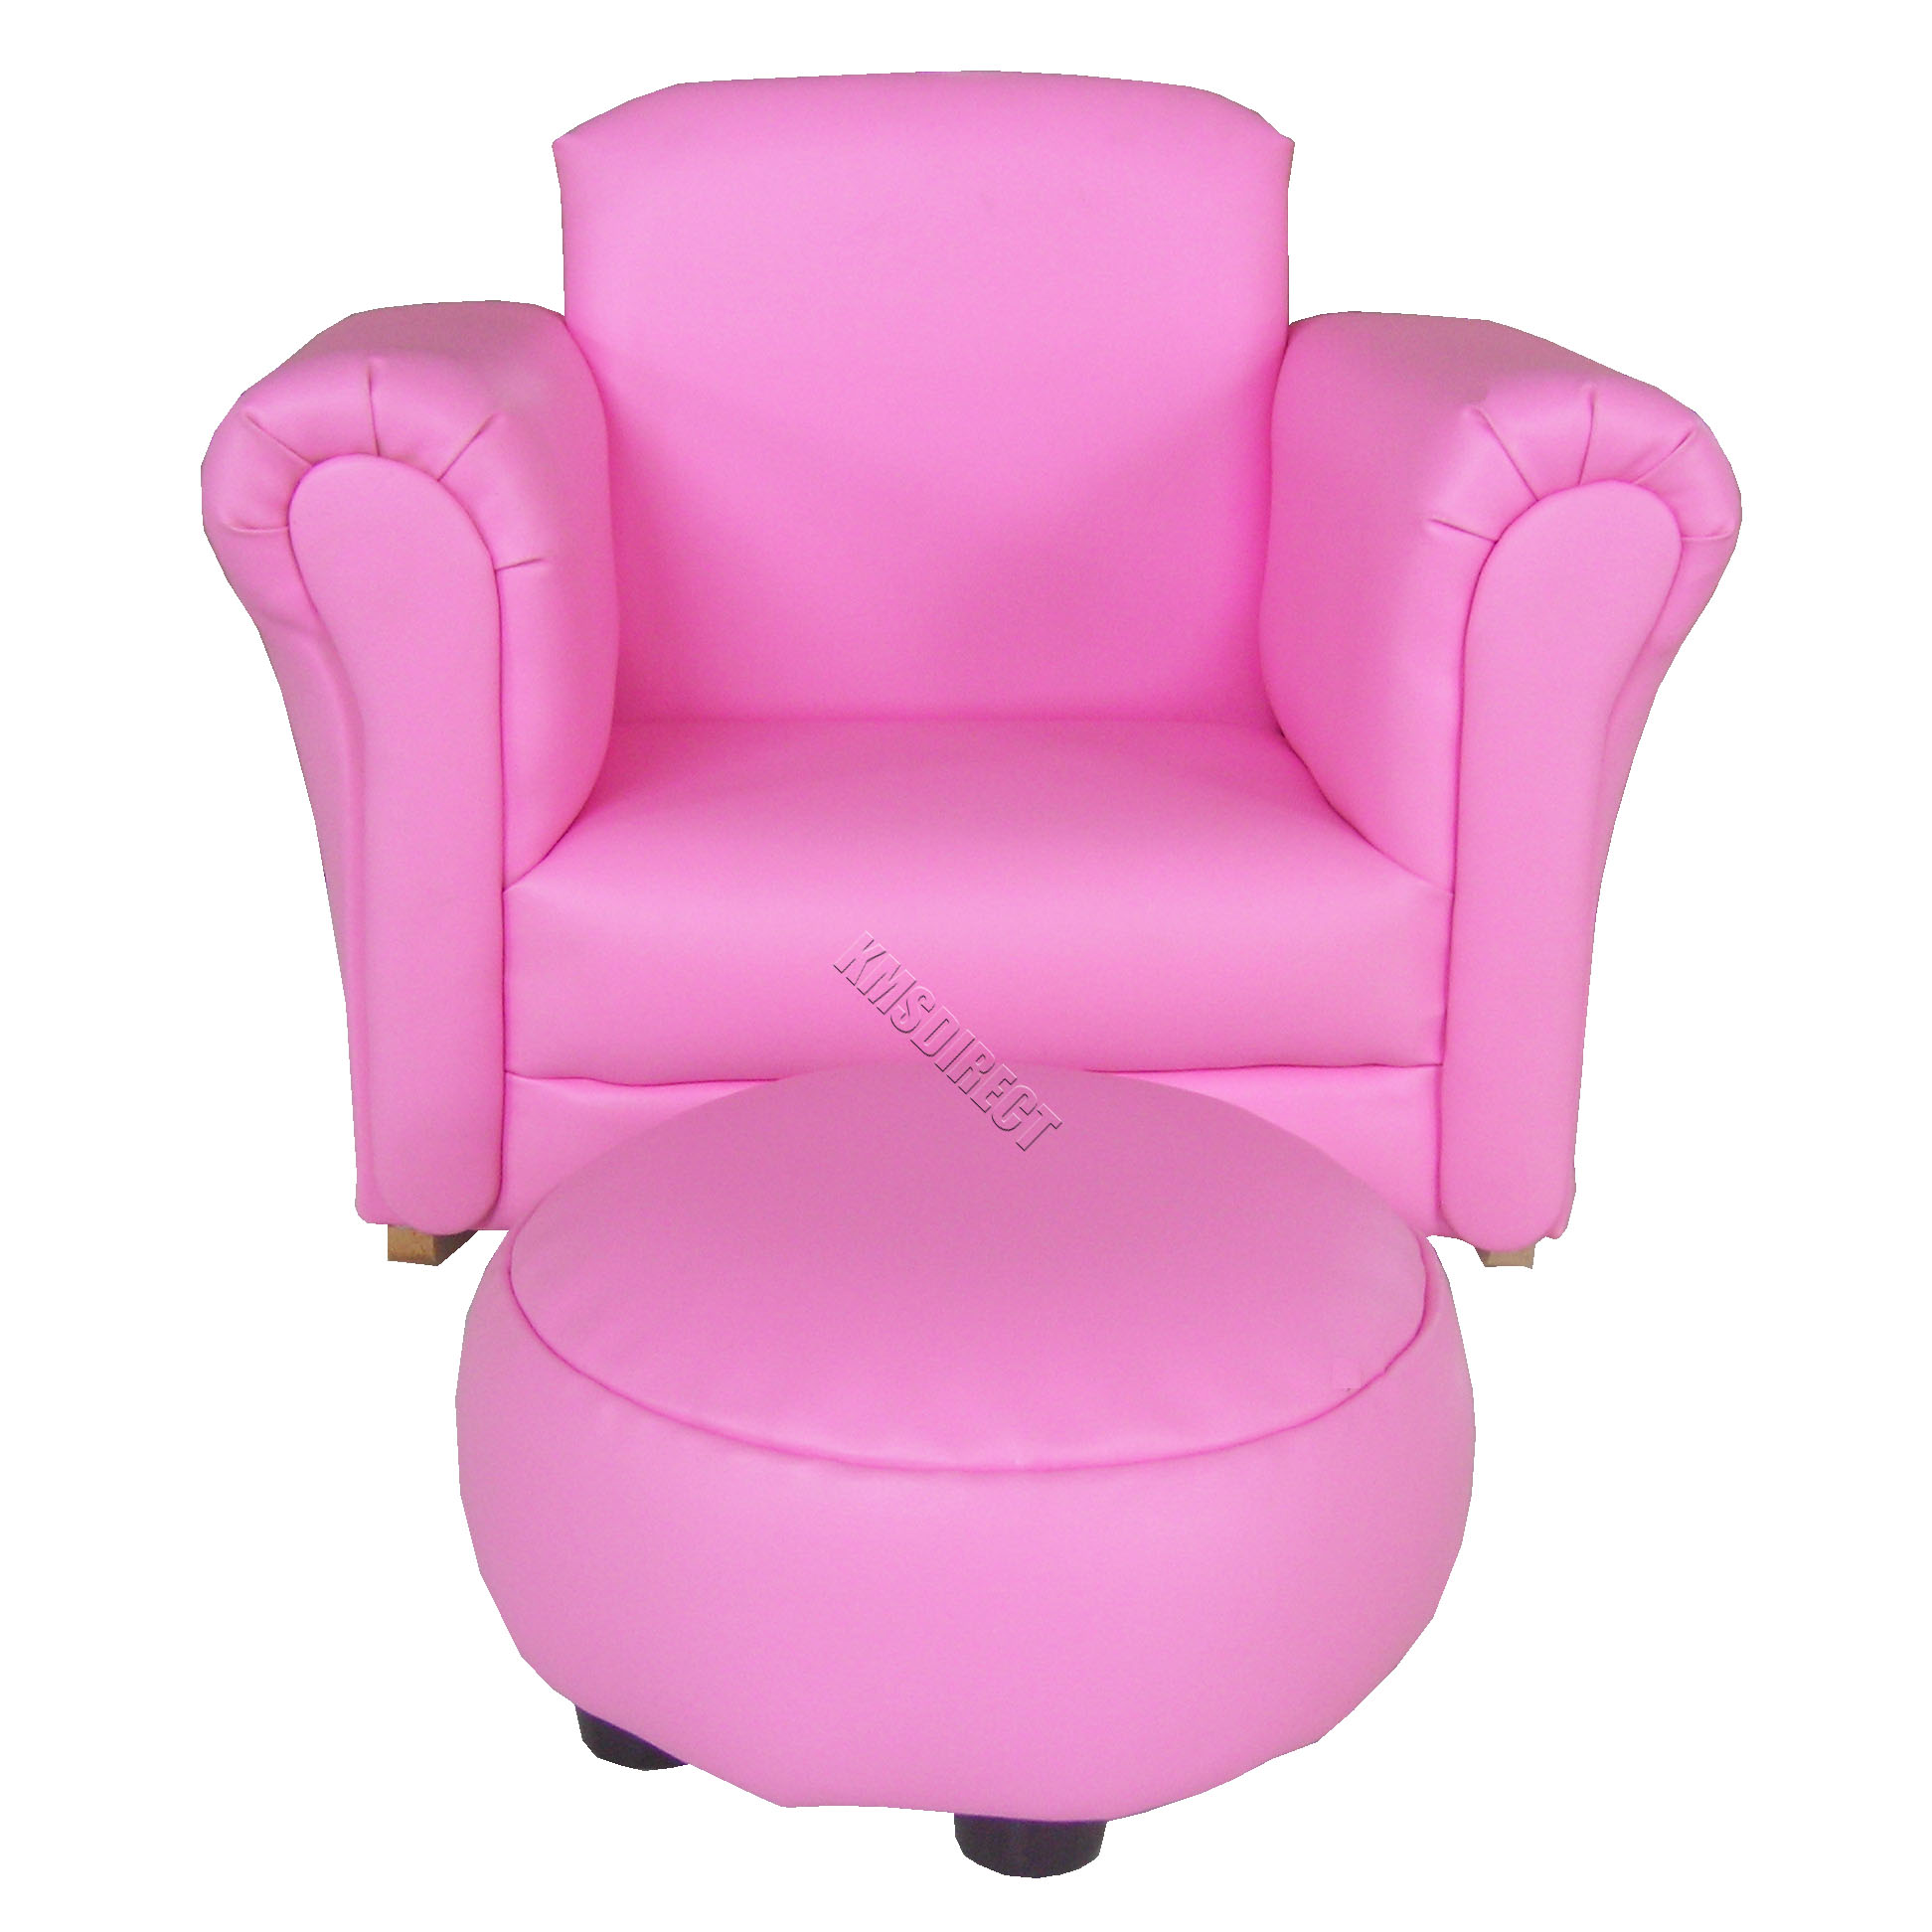 Dark pink children kids child sofa furniture arm chair for Pink kids chair